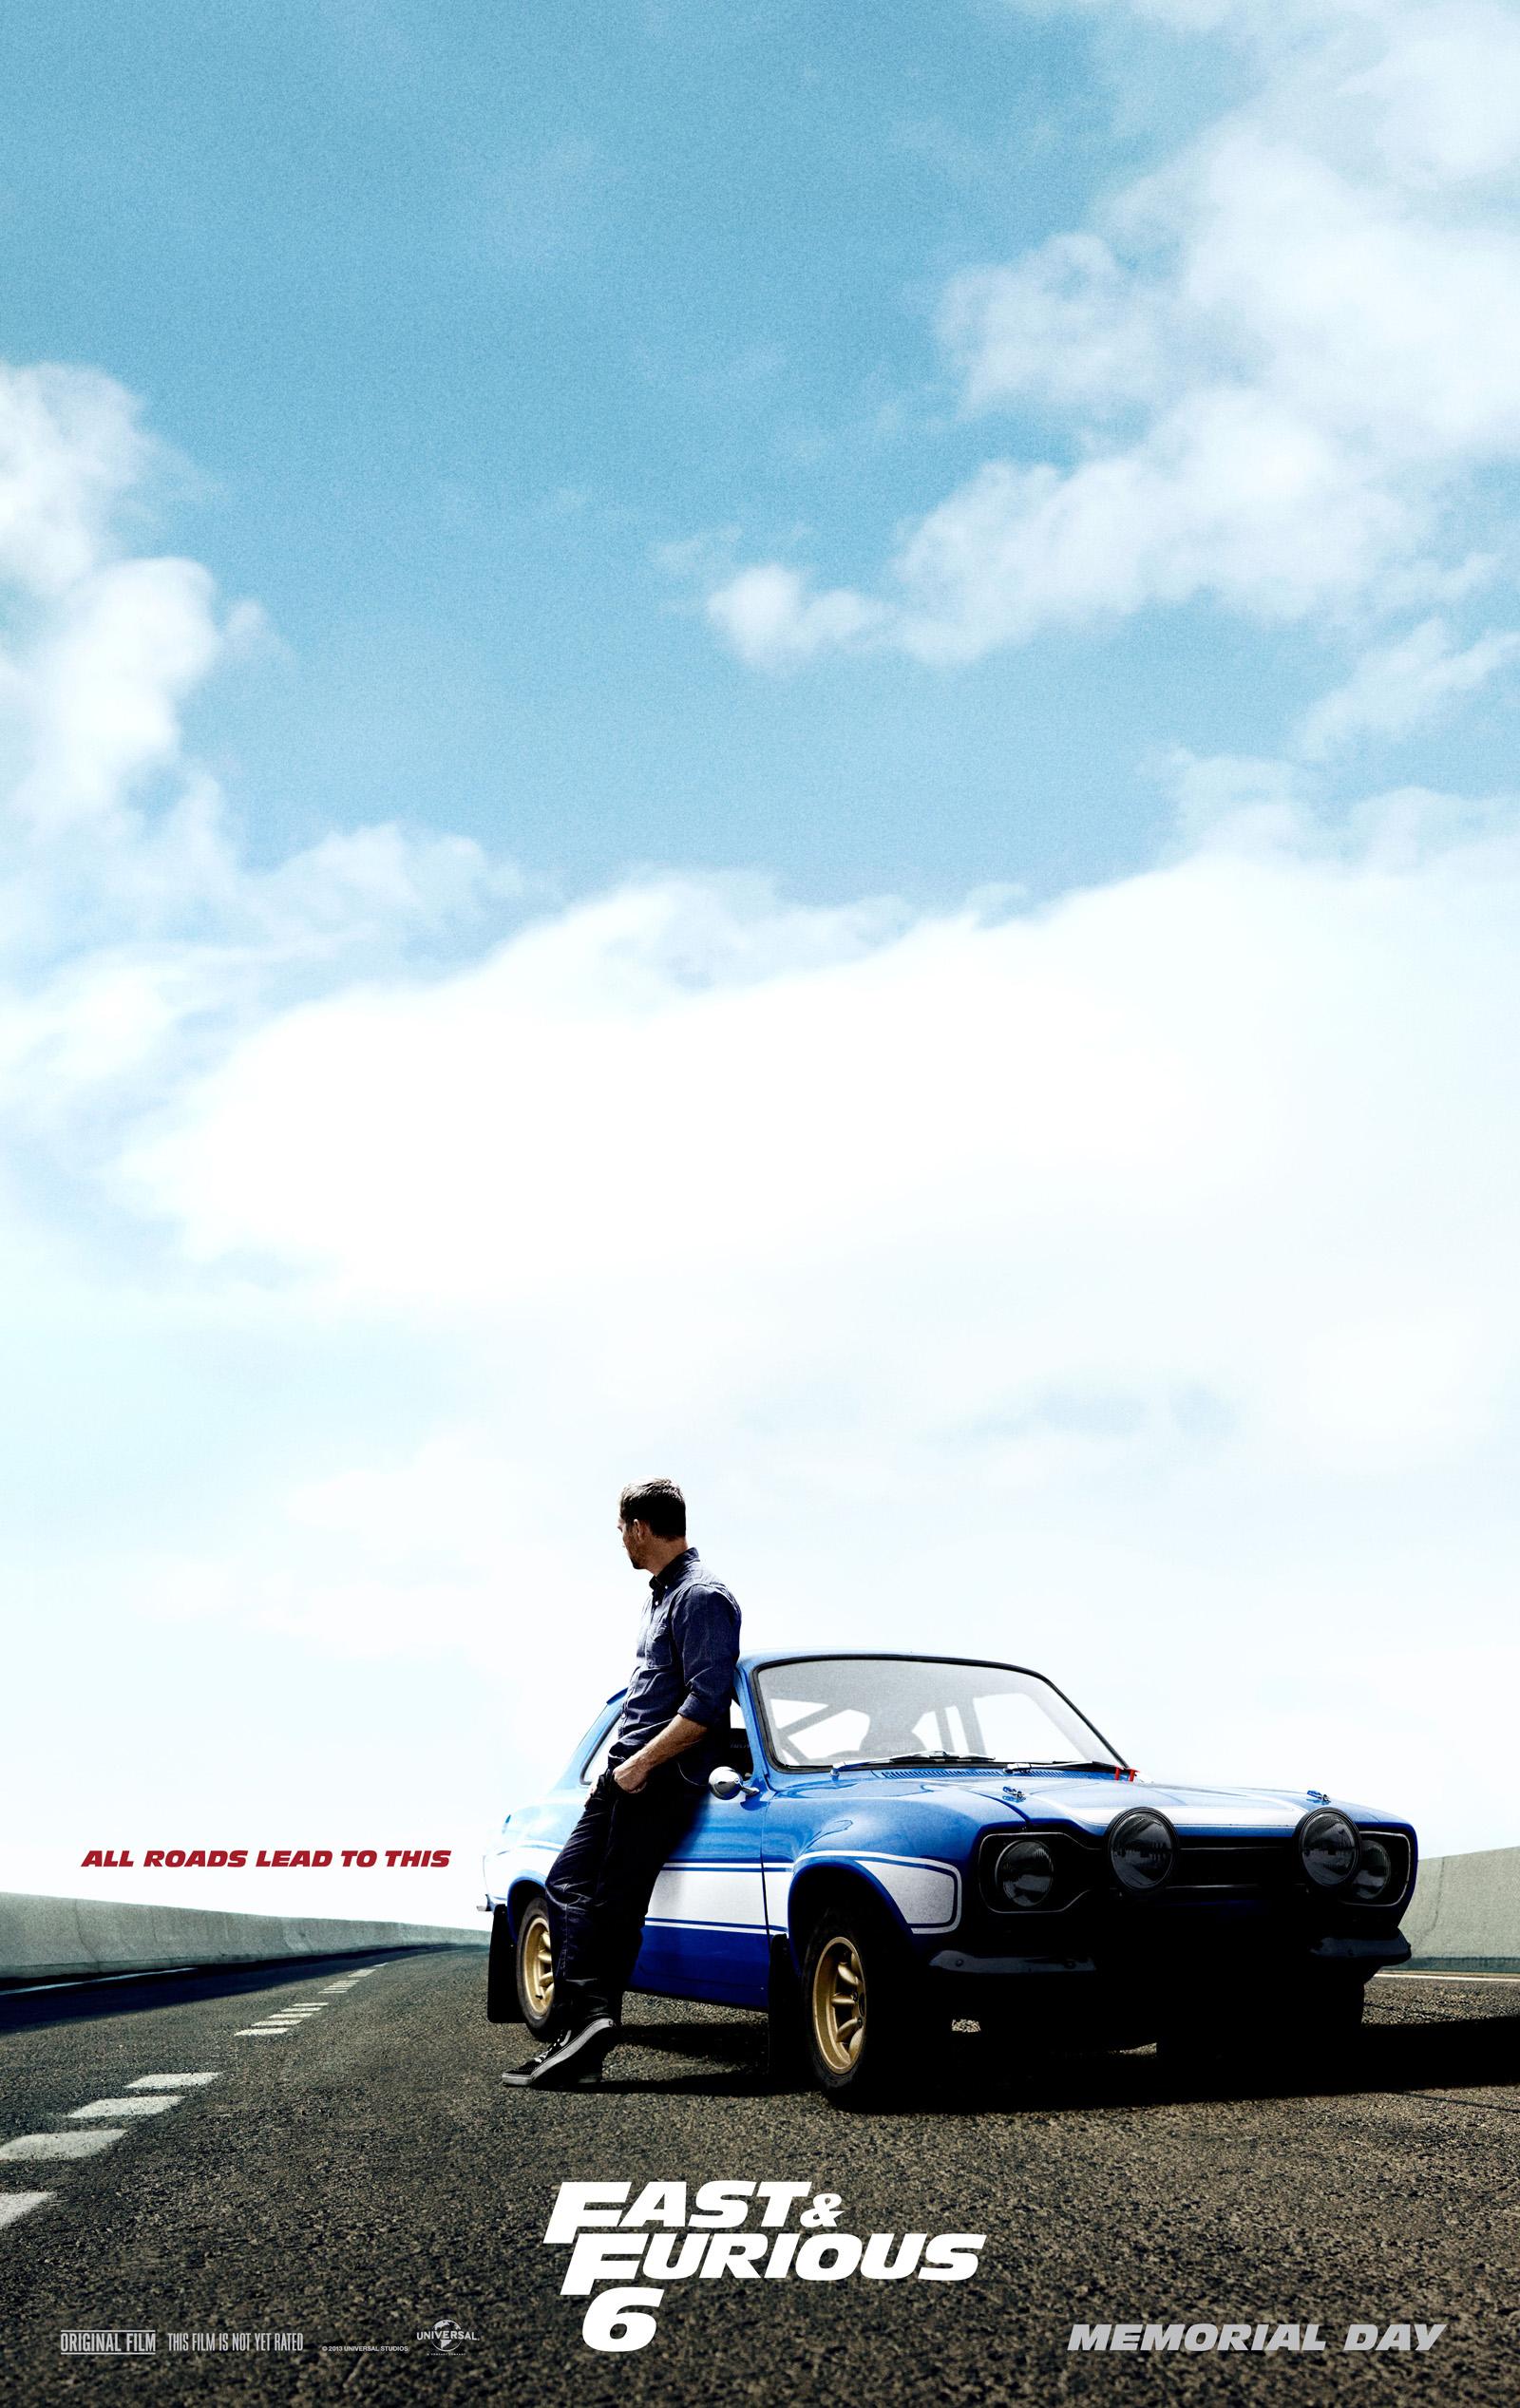 Fast & Furious 6 - Movie Poster #2 (Original)